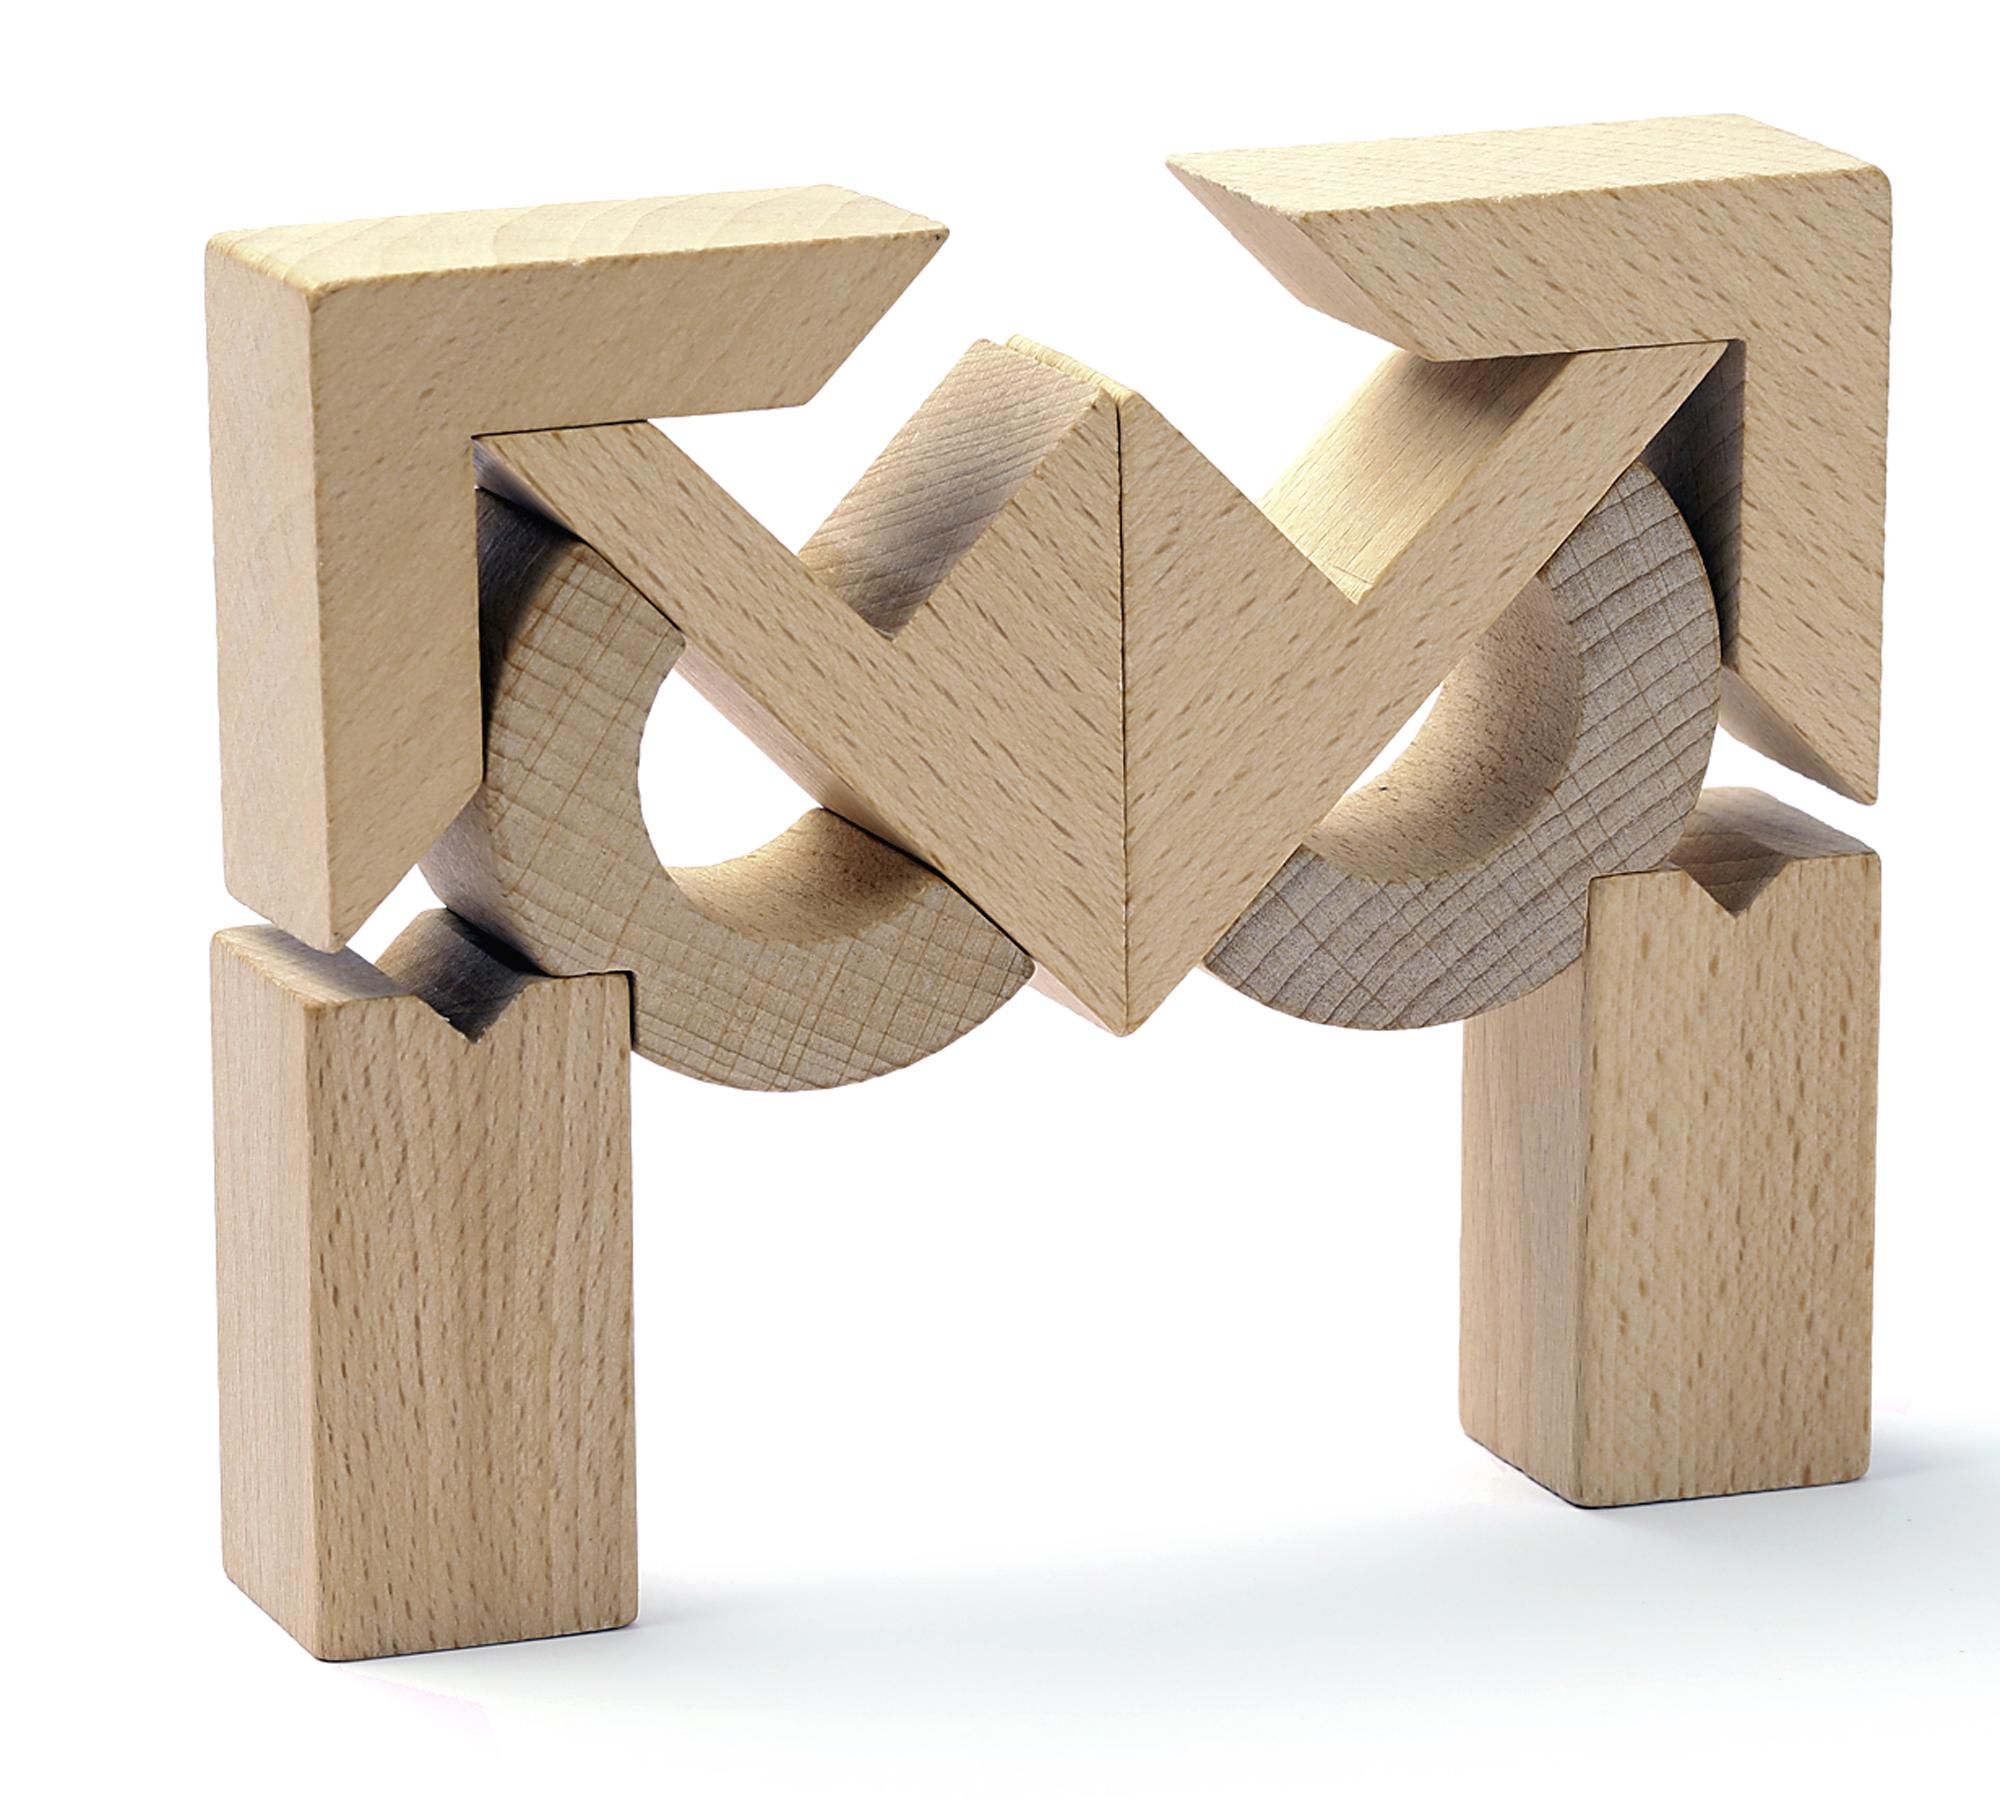 Kreatives Spielzeug für Kinder: Tsumiki Holzbausteine // HIMBEER